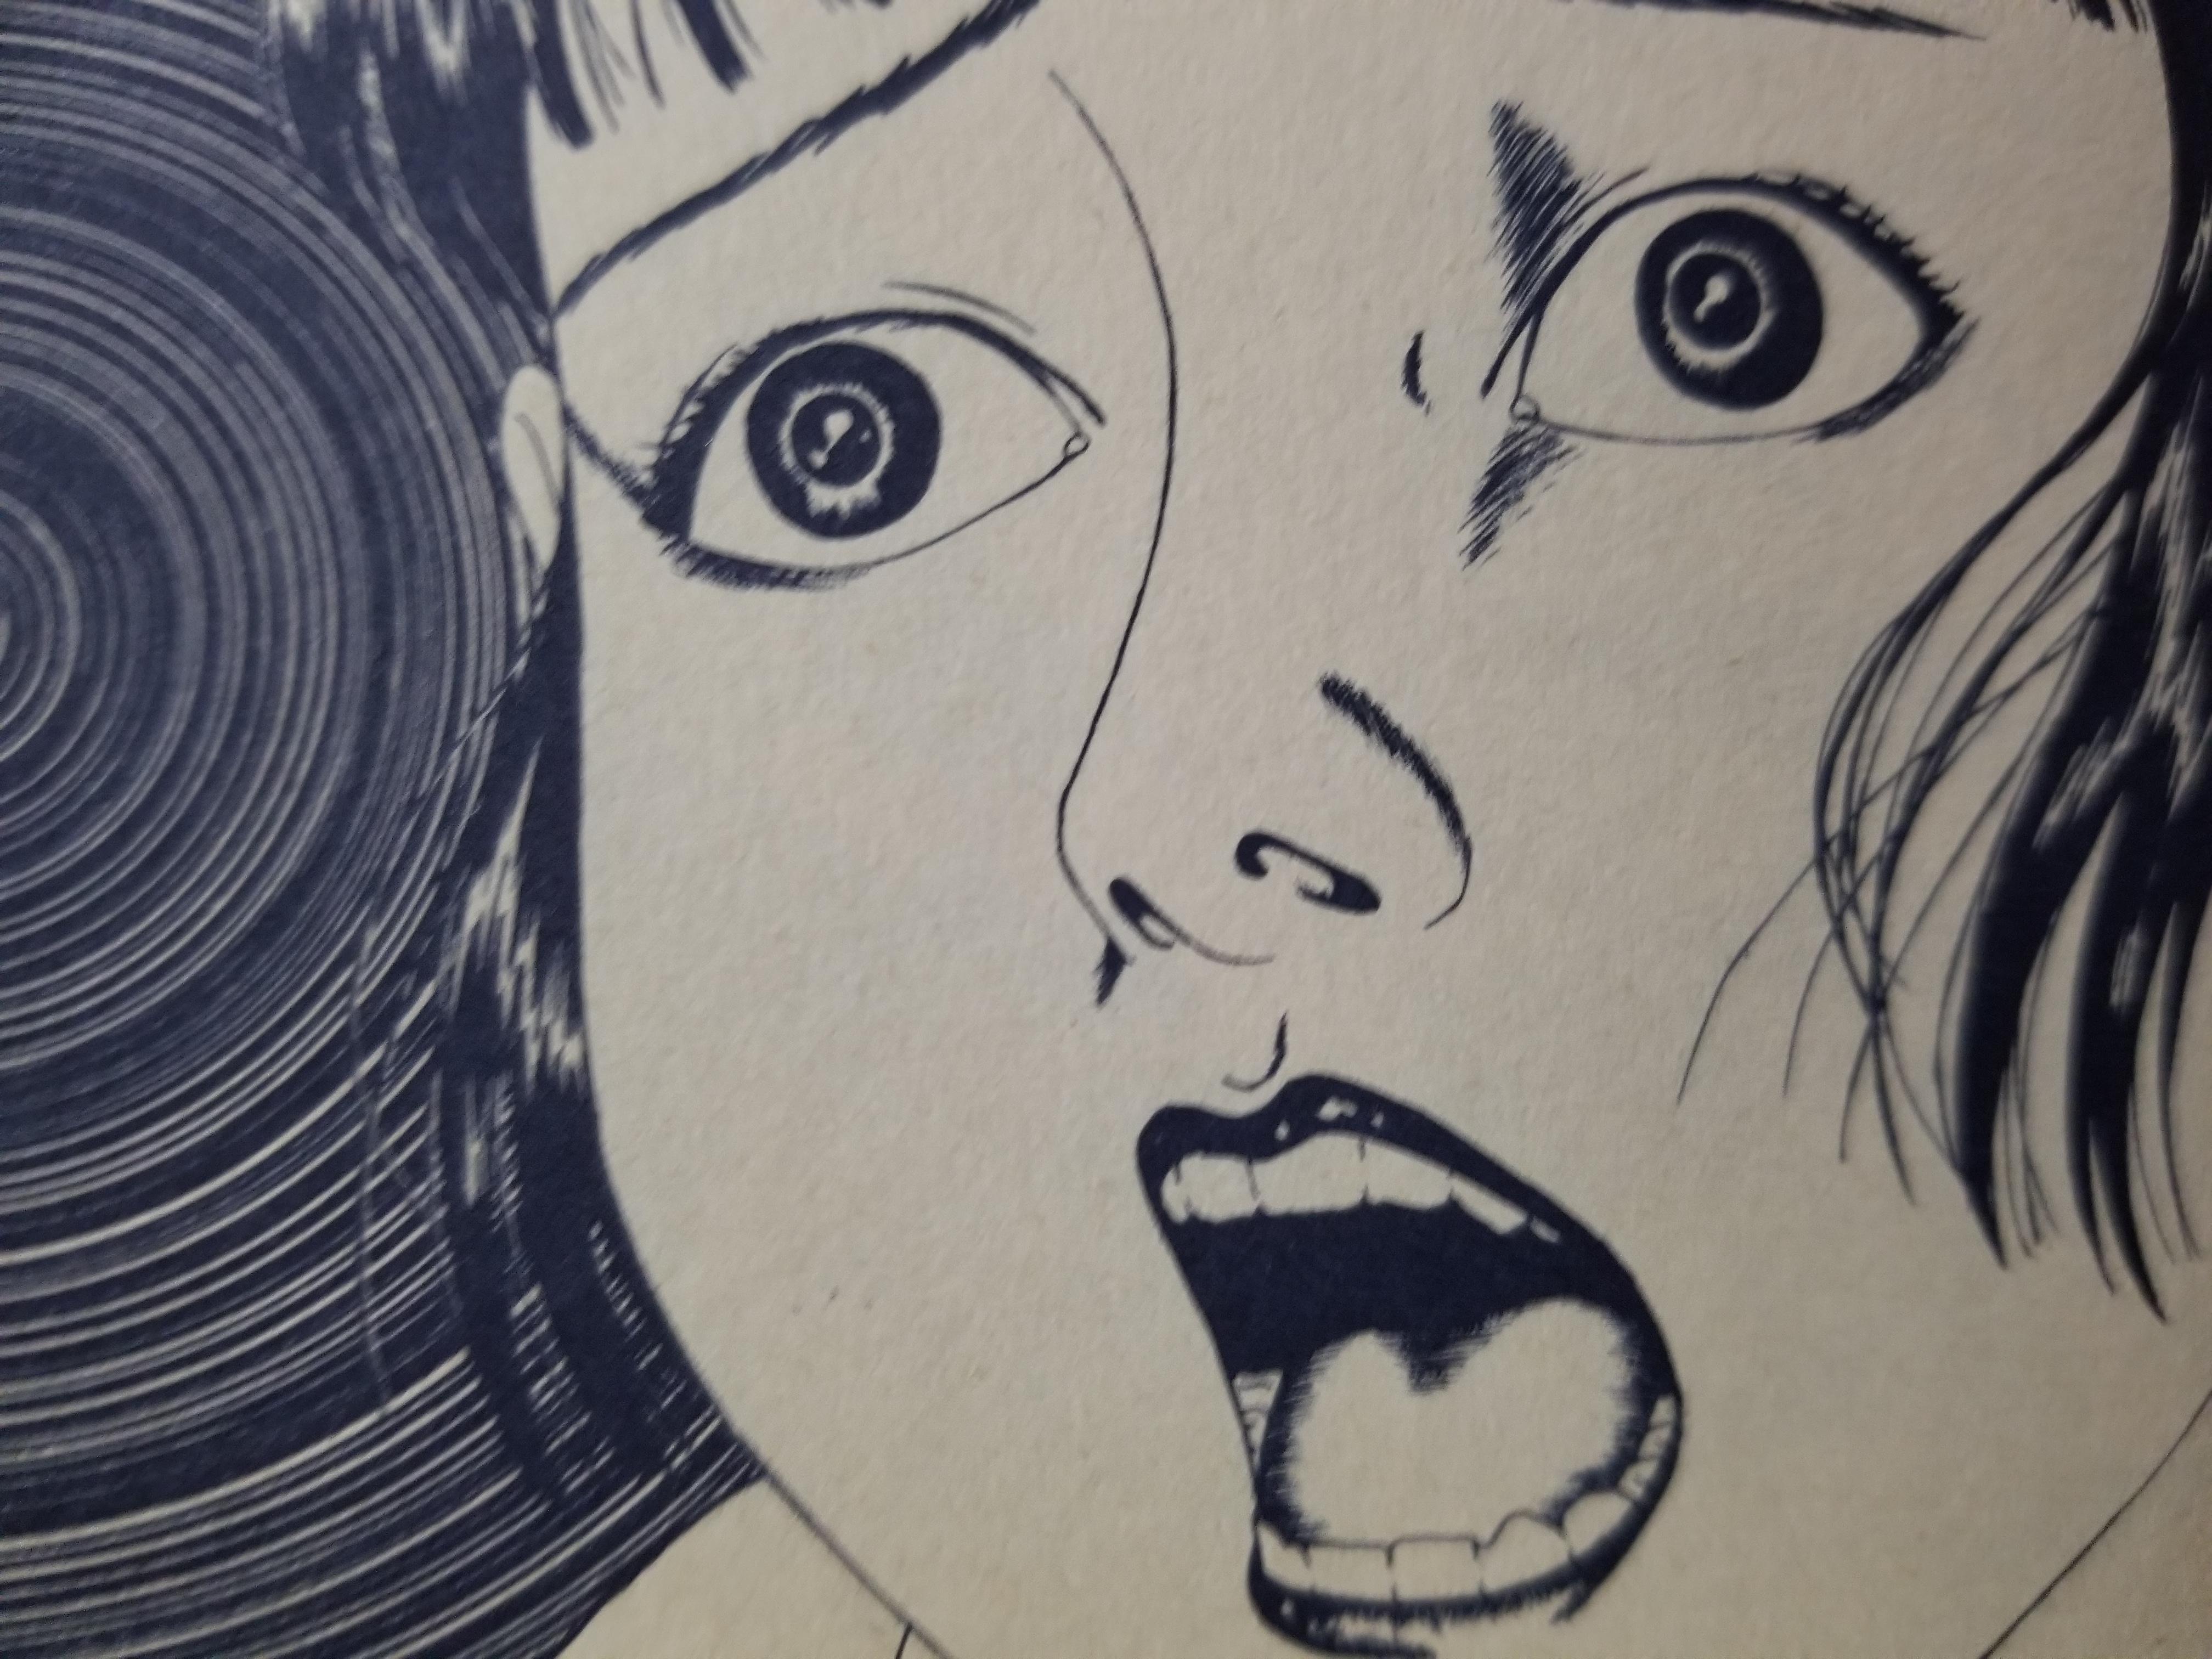 『少女椿』の見所:最終回が意味するものとは?